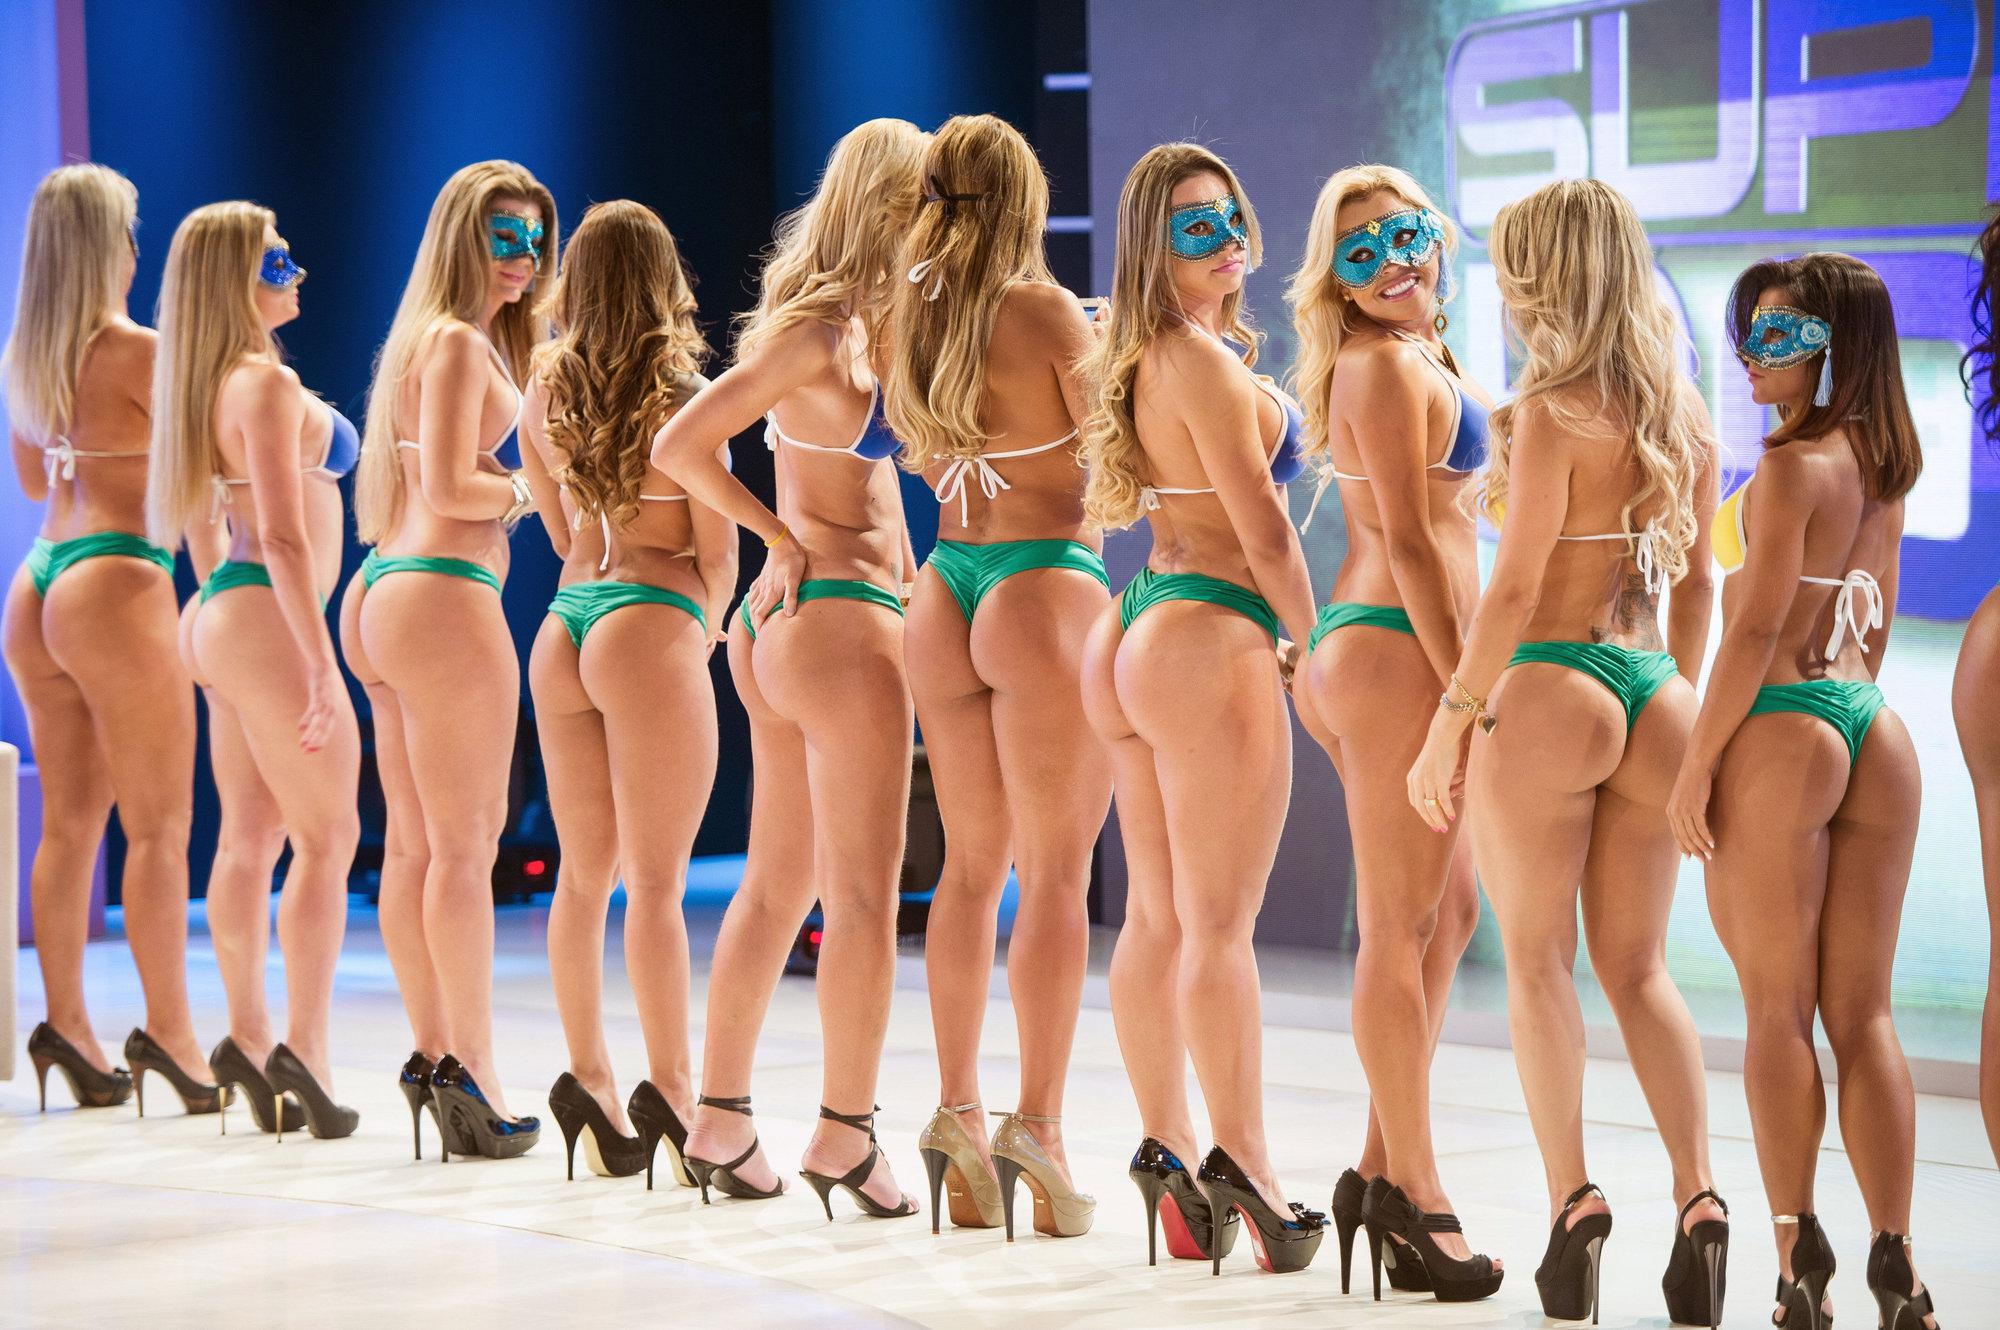 Hot back ass show